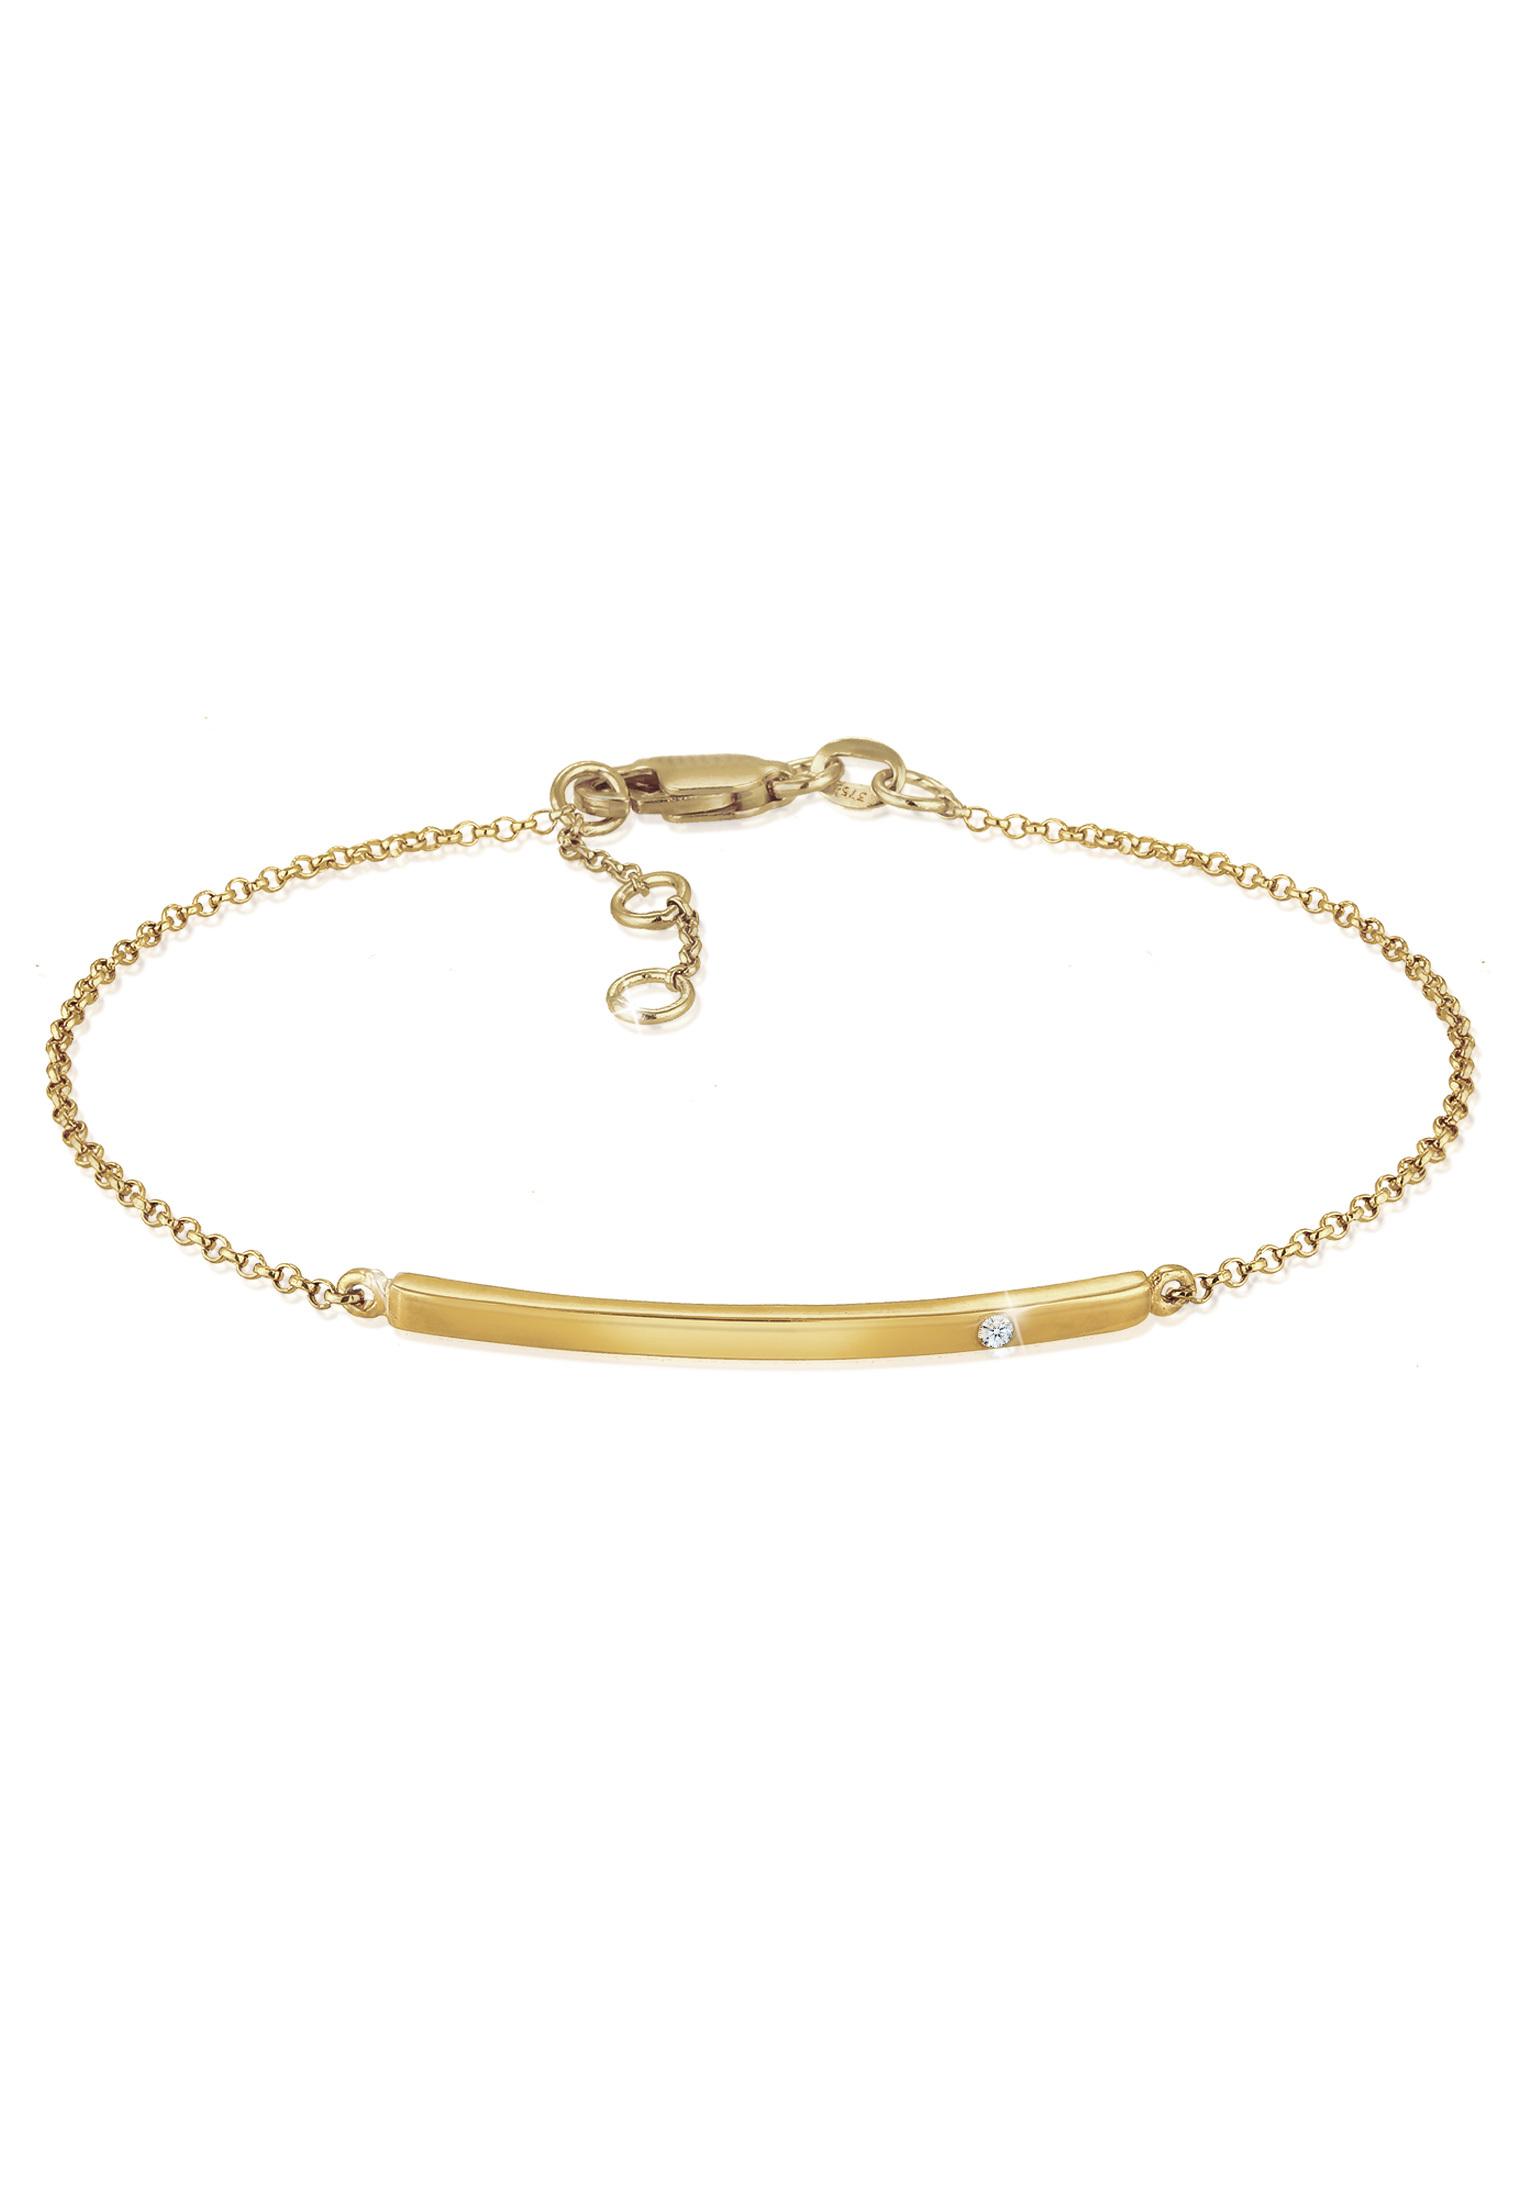 Armband Geo   Diamant ( Weiß, 0,015 ct )   375 Gelbgold